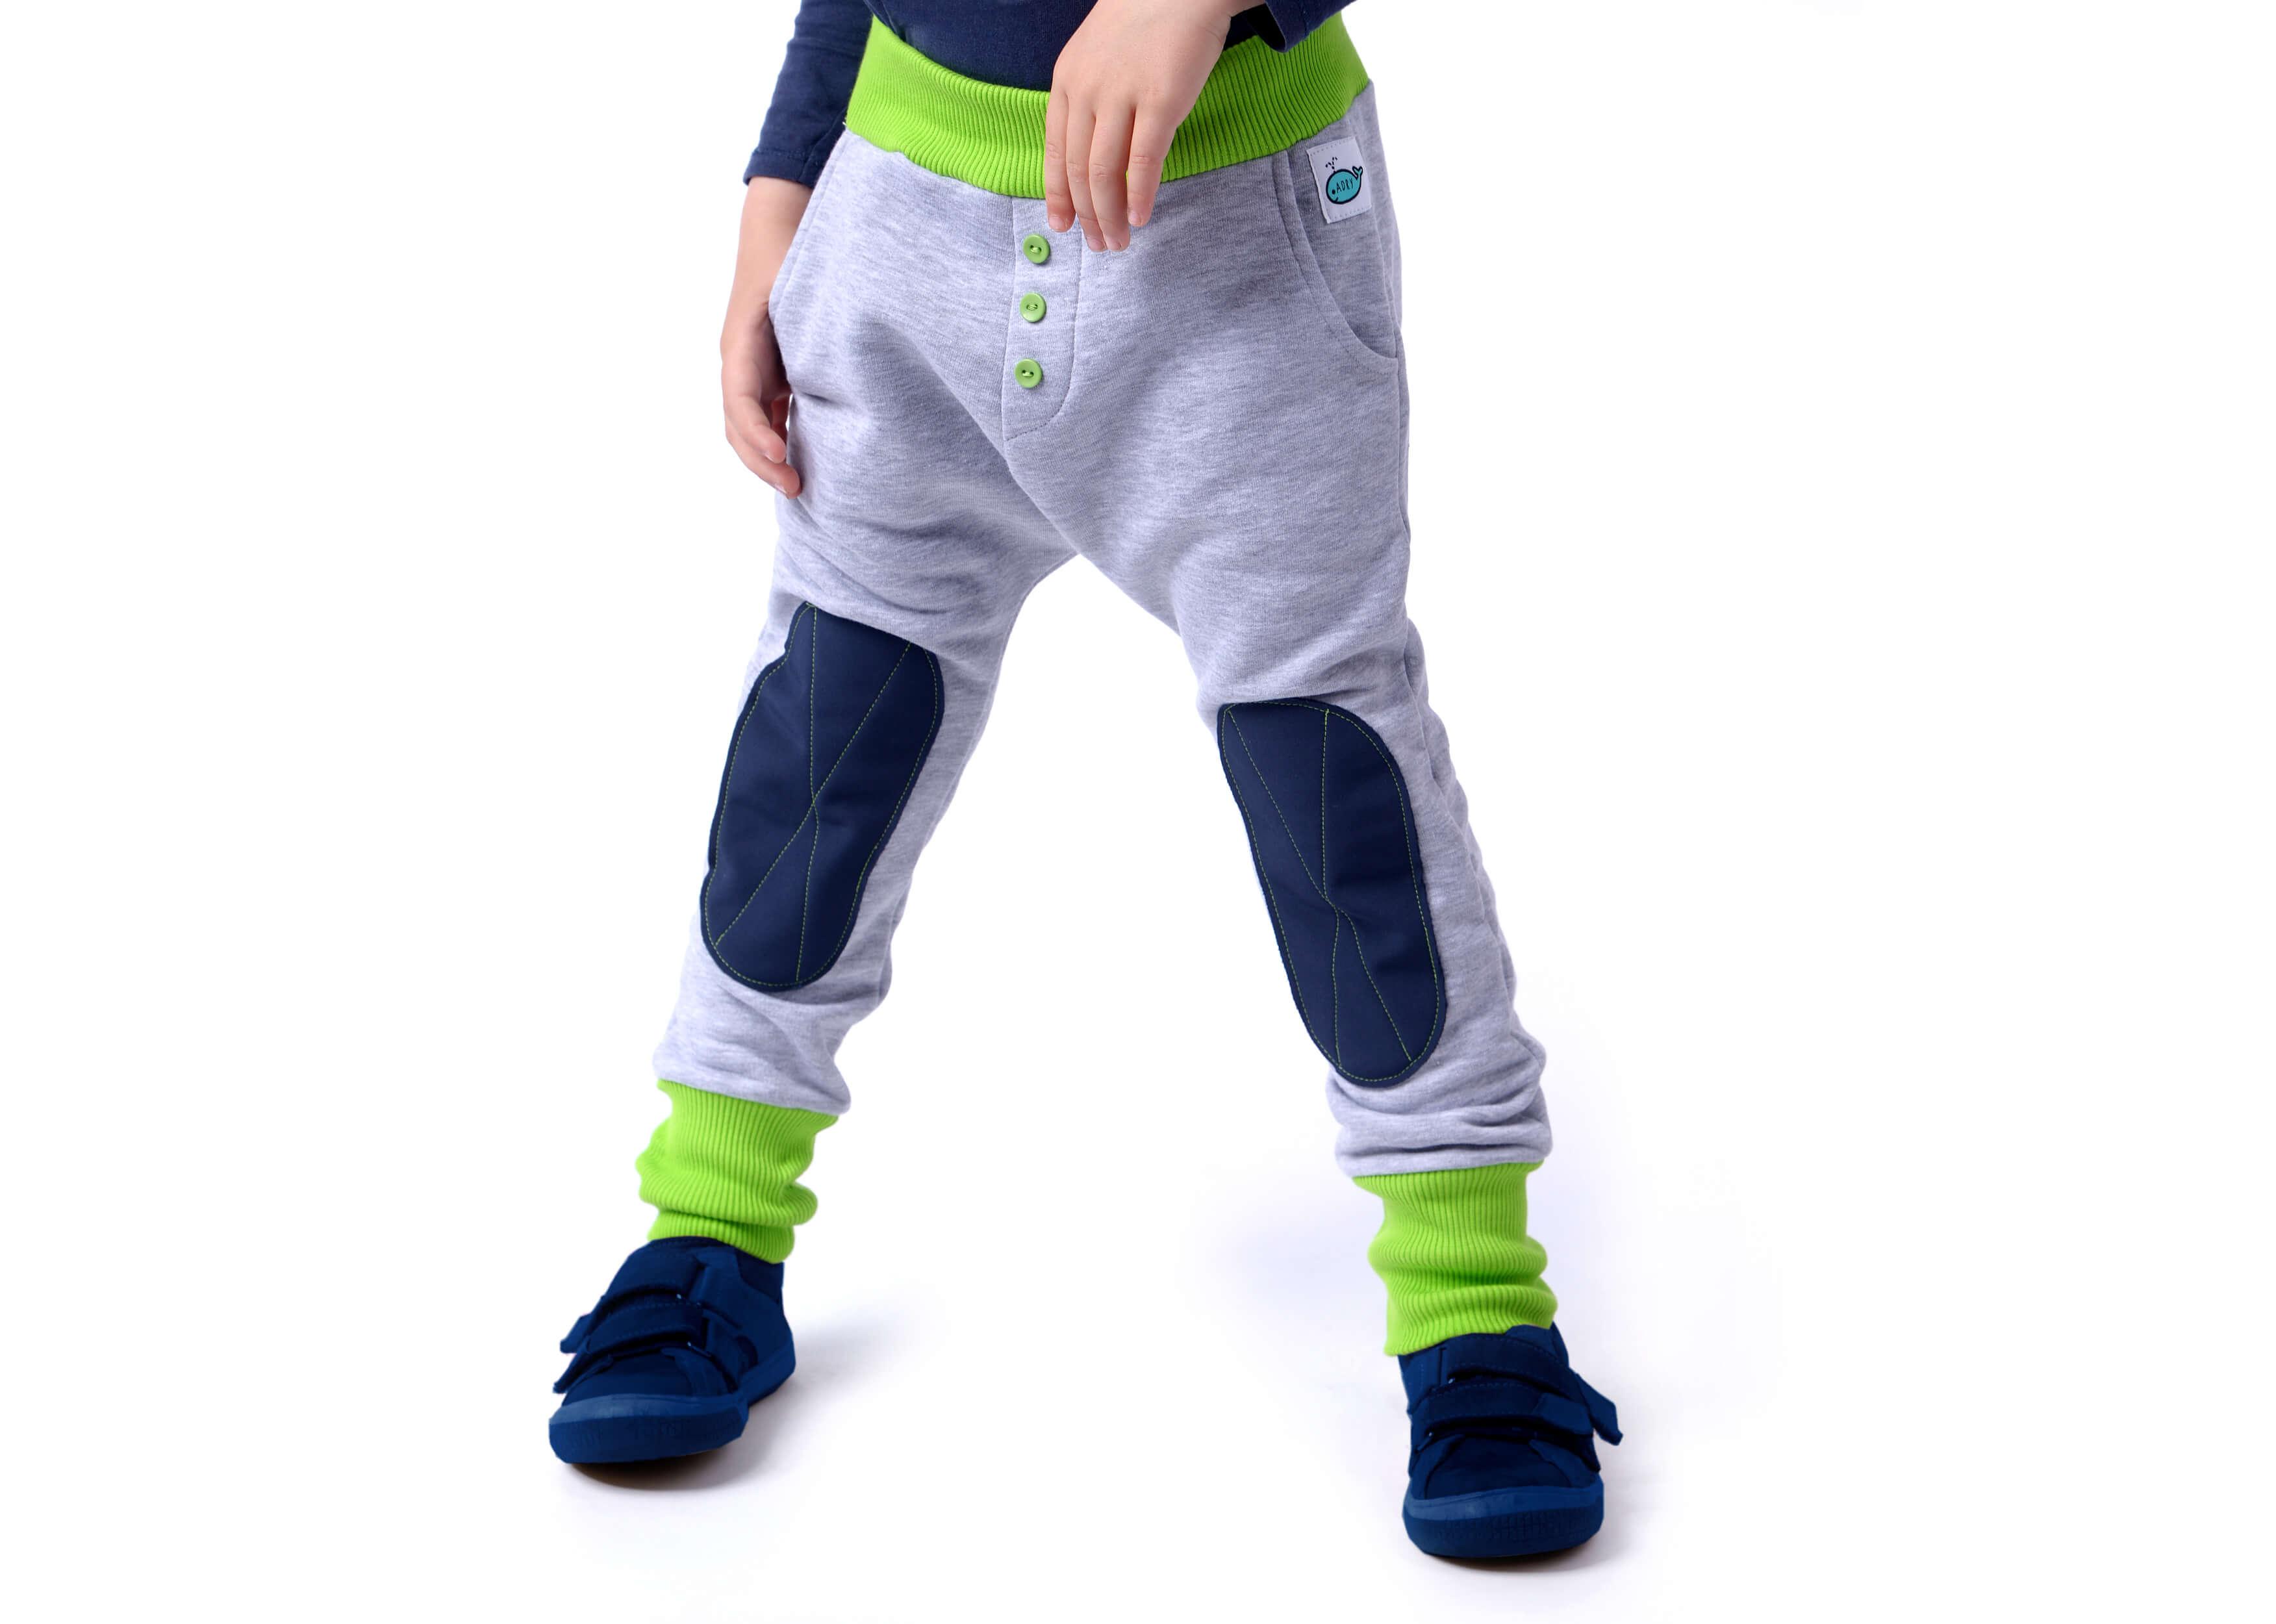 Chlapecké tepláky se záplatou - Oblečení Adry 0ef533e860